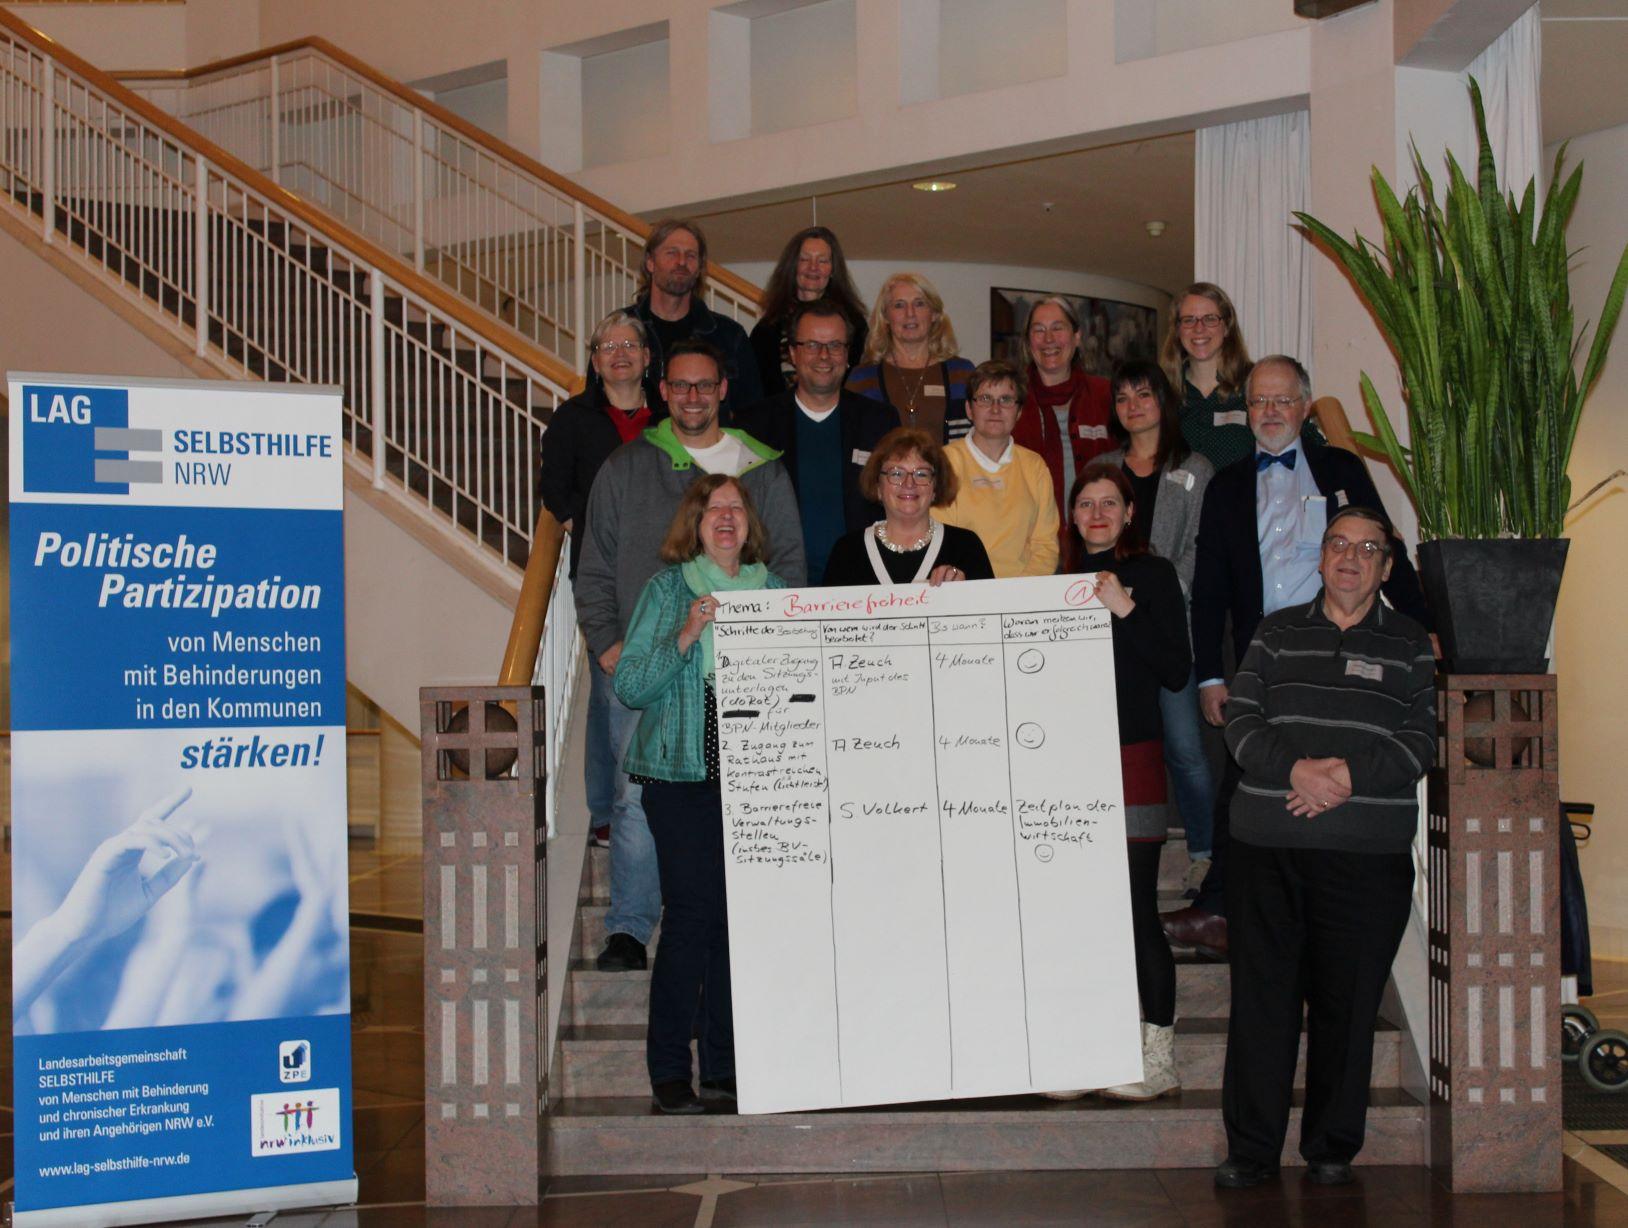 Teilnehmer*innen des Workshops in Dortmund